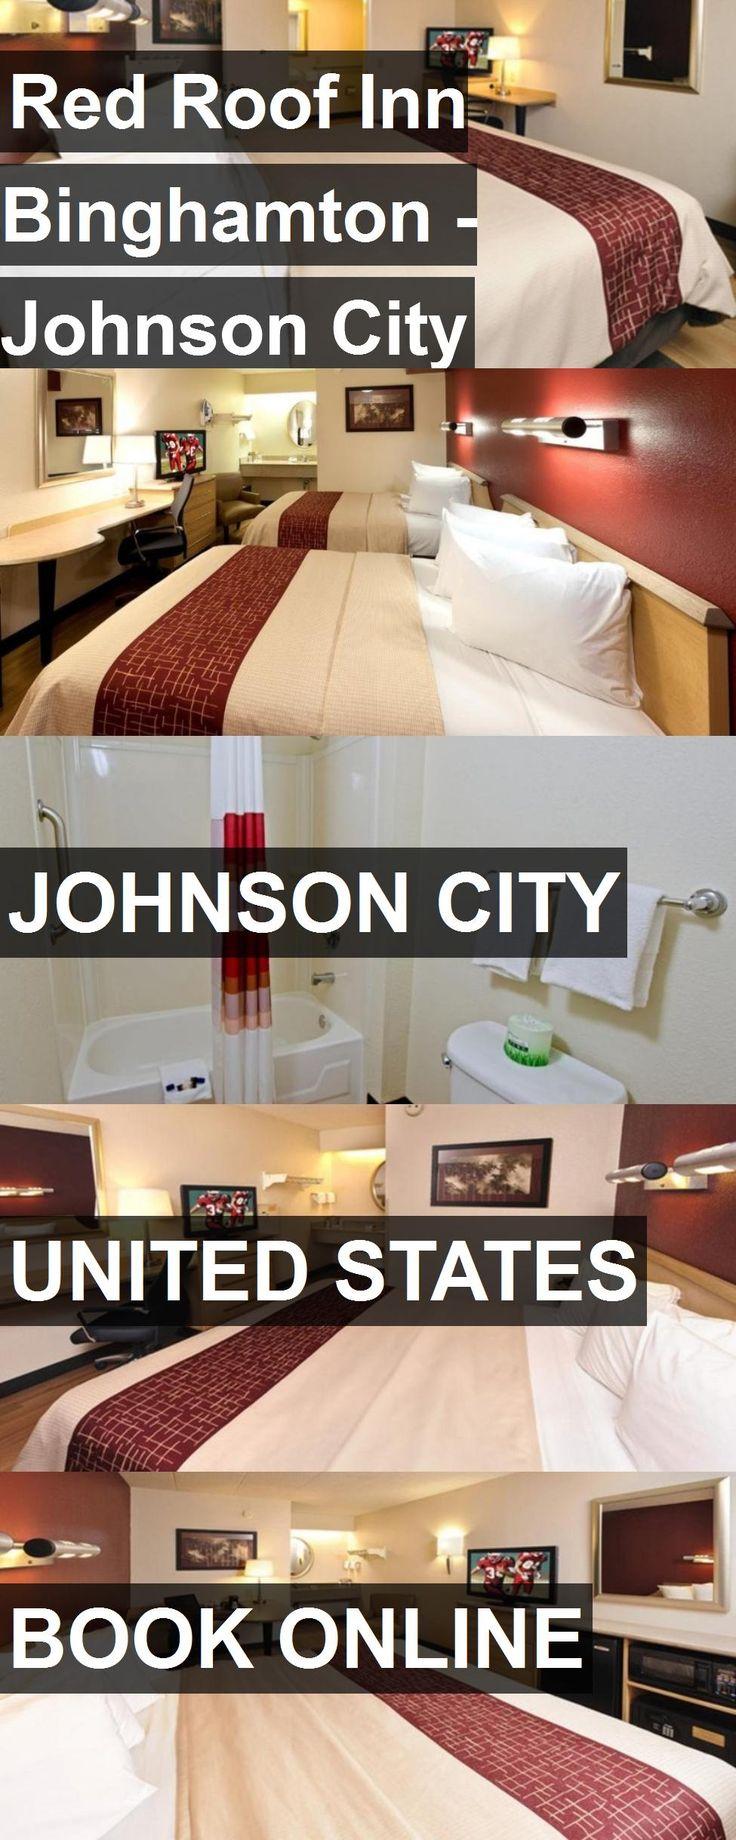 Hotel Red Roof Inn Binghamton Johnson City in Johnson